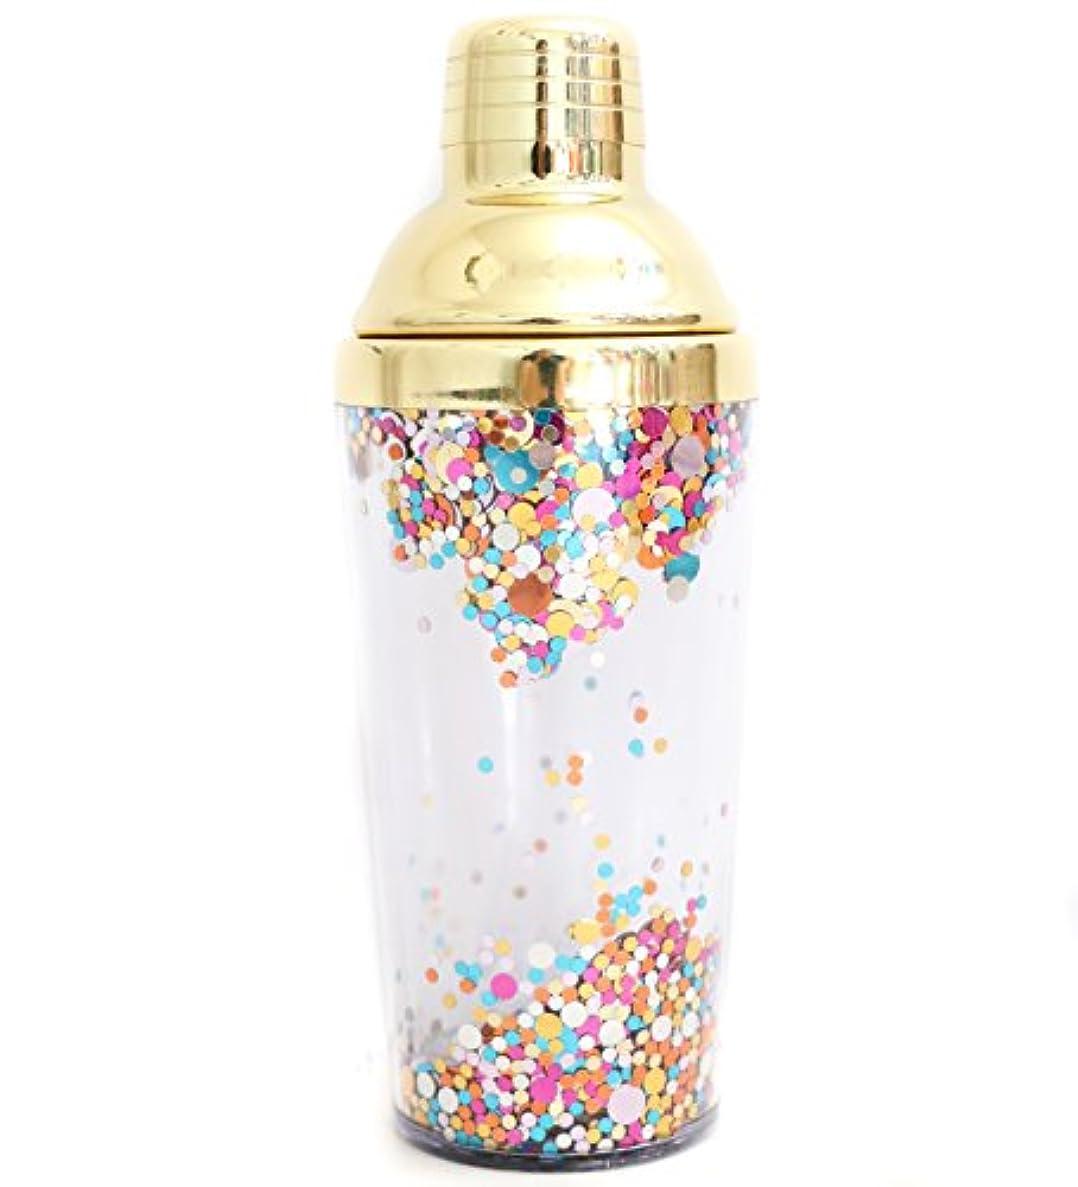 酔っ払い初期バラバラにするKailoシック紙吹雪Cocktail Shaker